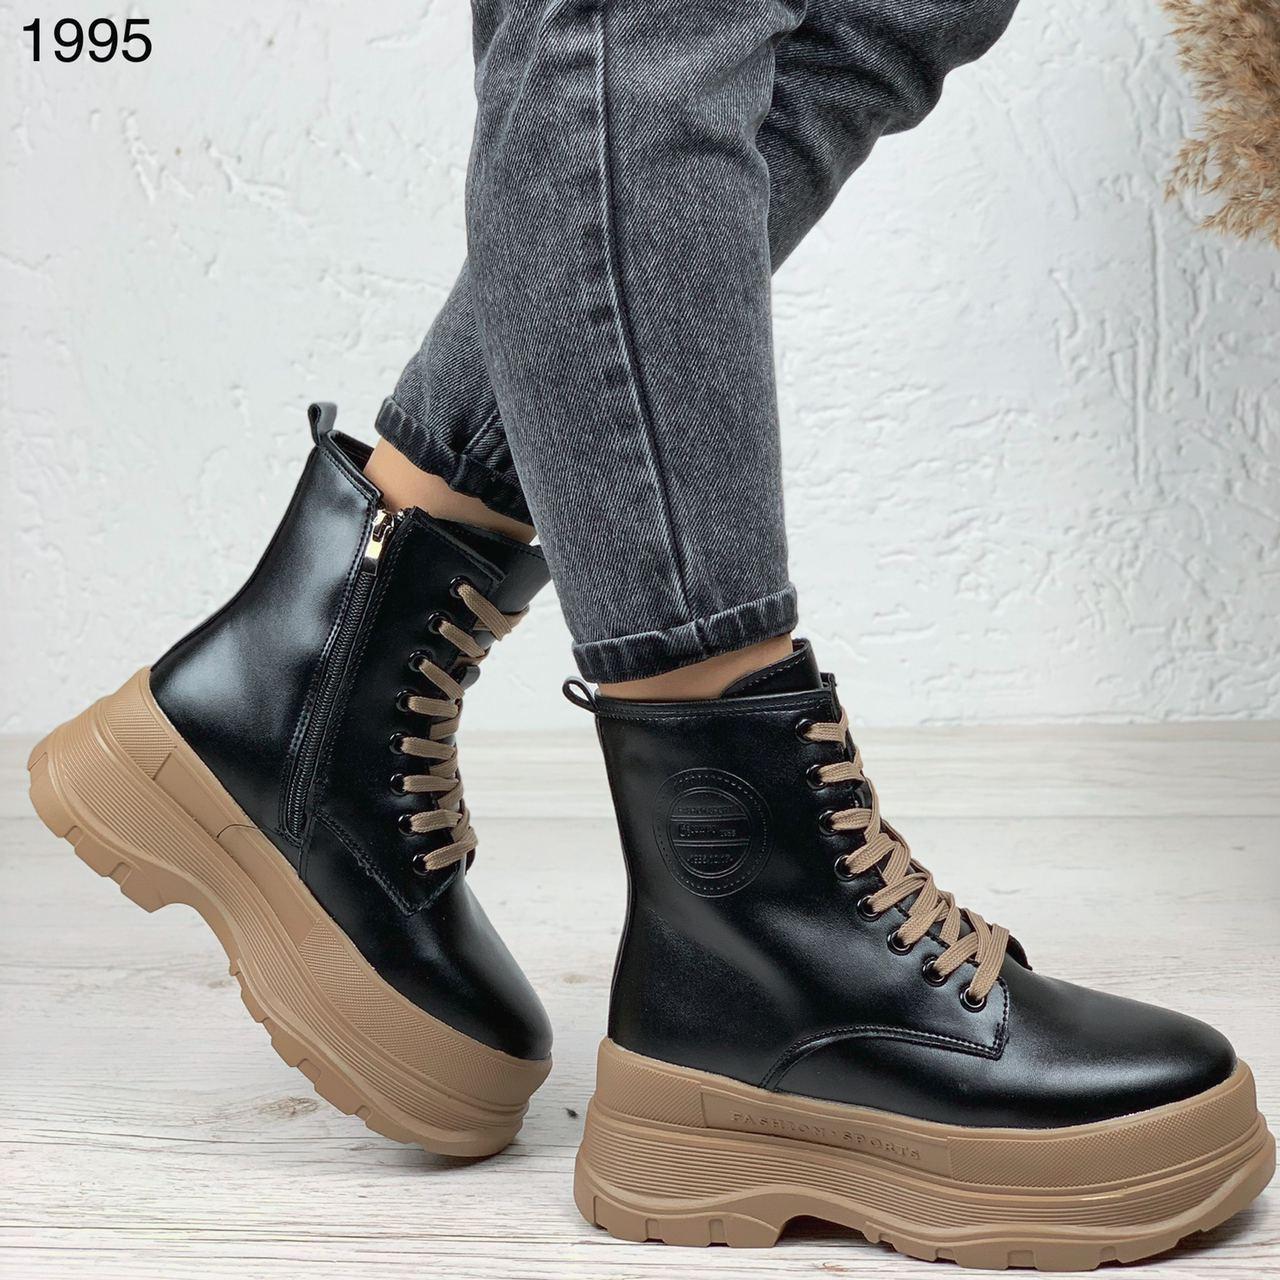 Только на 24 см! Женские ботинки ЗИМА черные с коричневым на шнуровке эко кожа